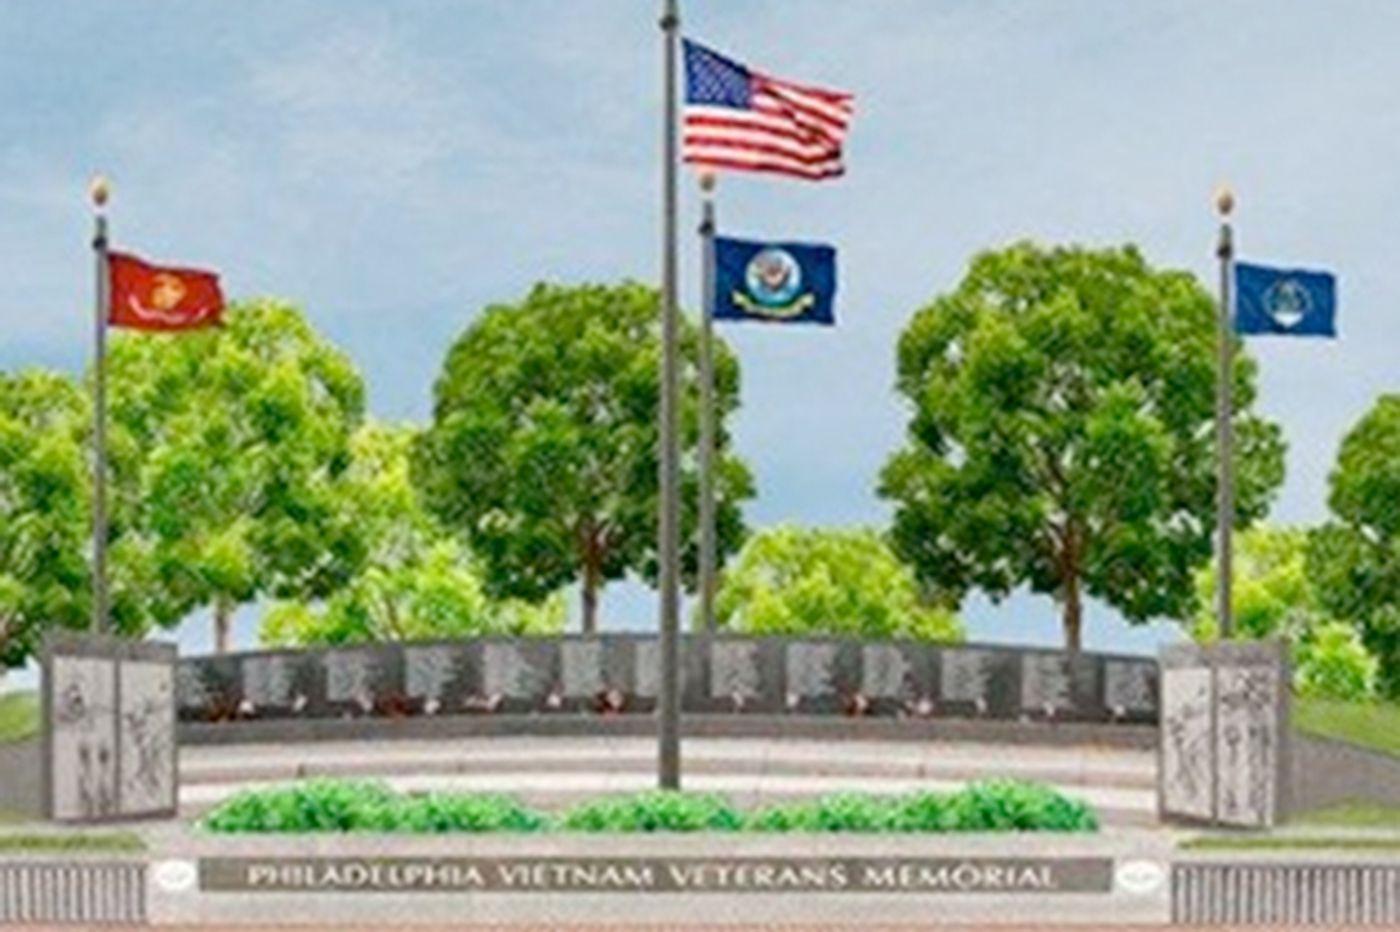 City's Vietnam memorial opens up